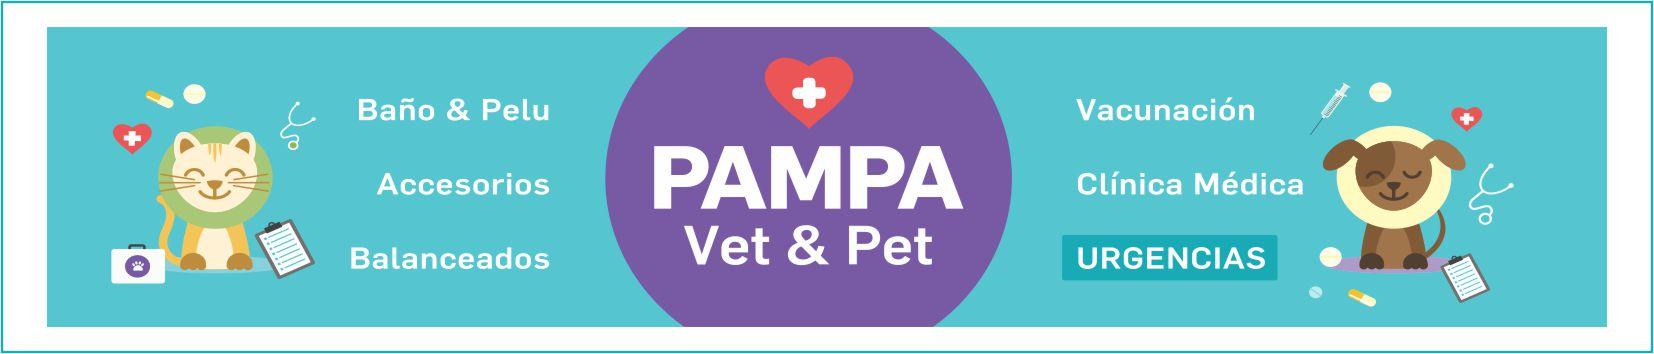 Clínica Veterinaria Pampa Vet y Pet